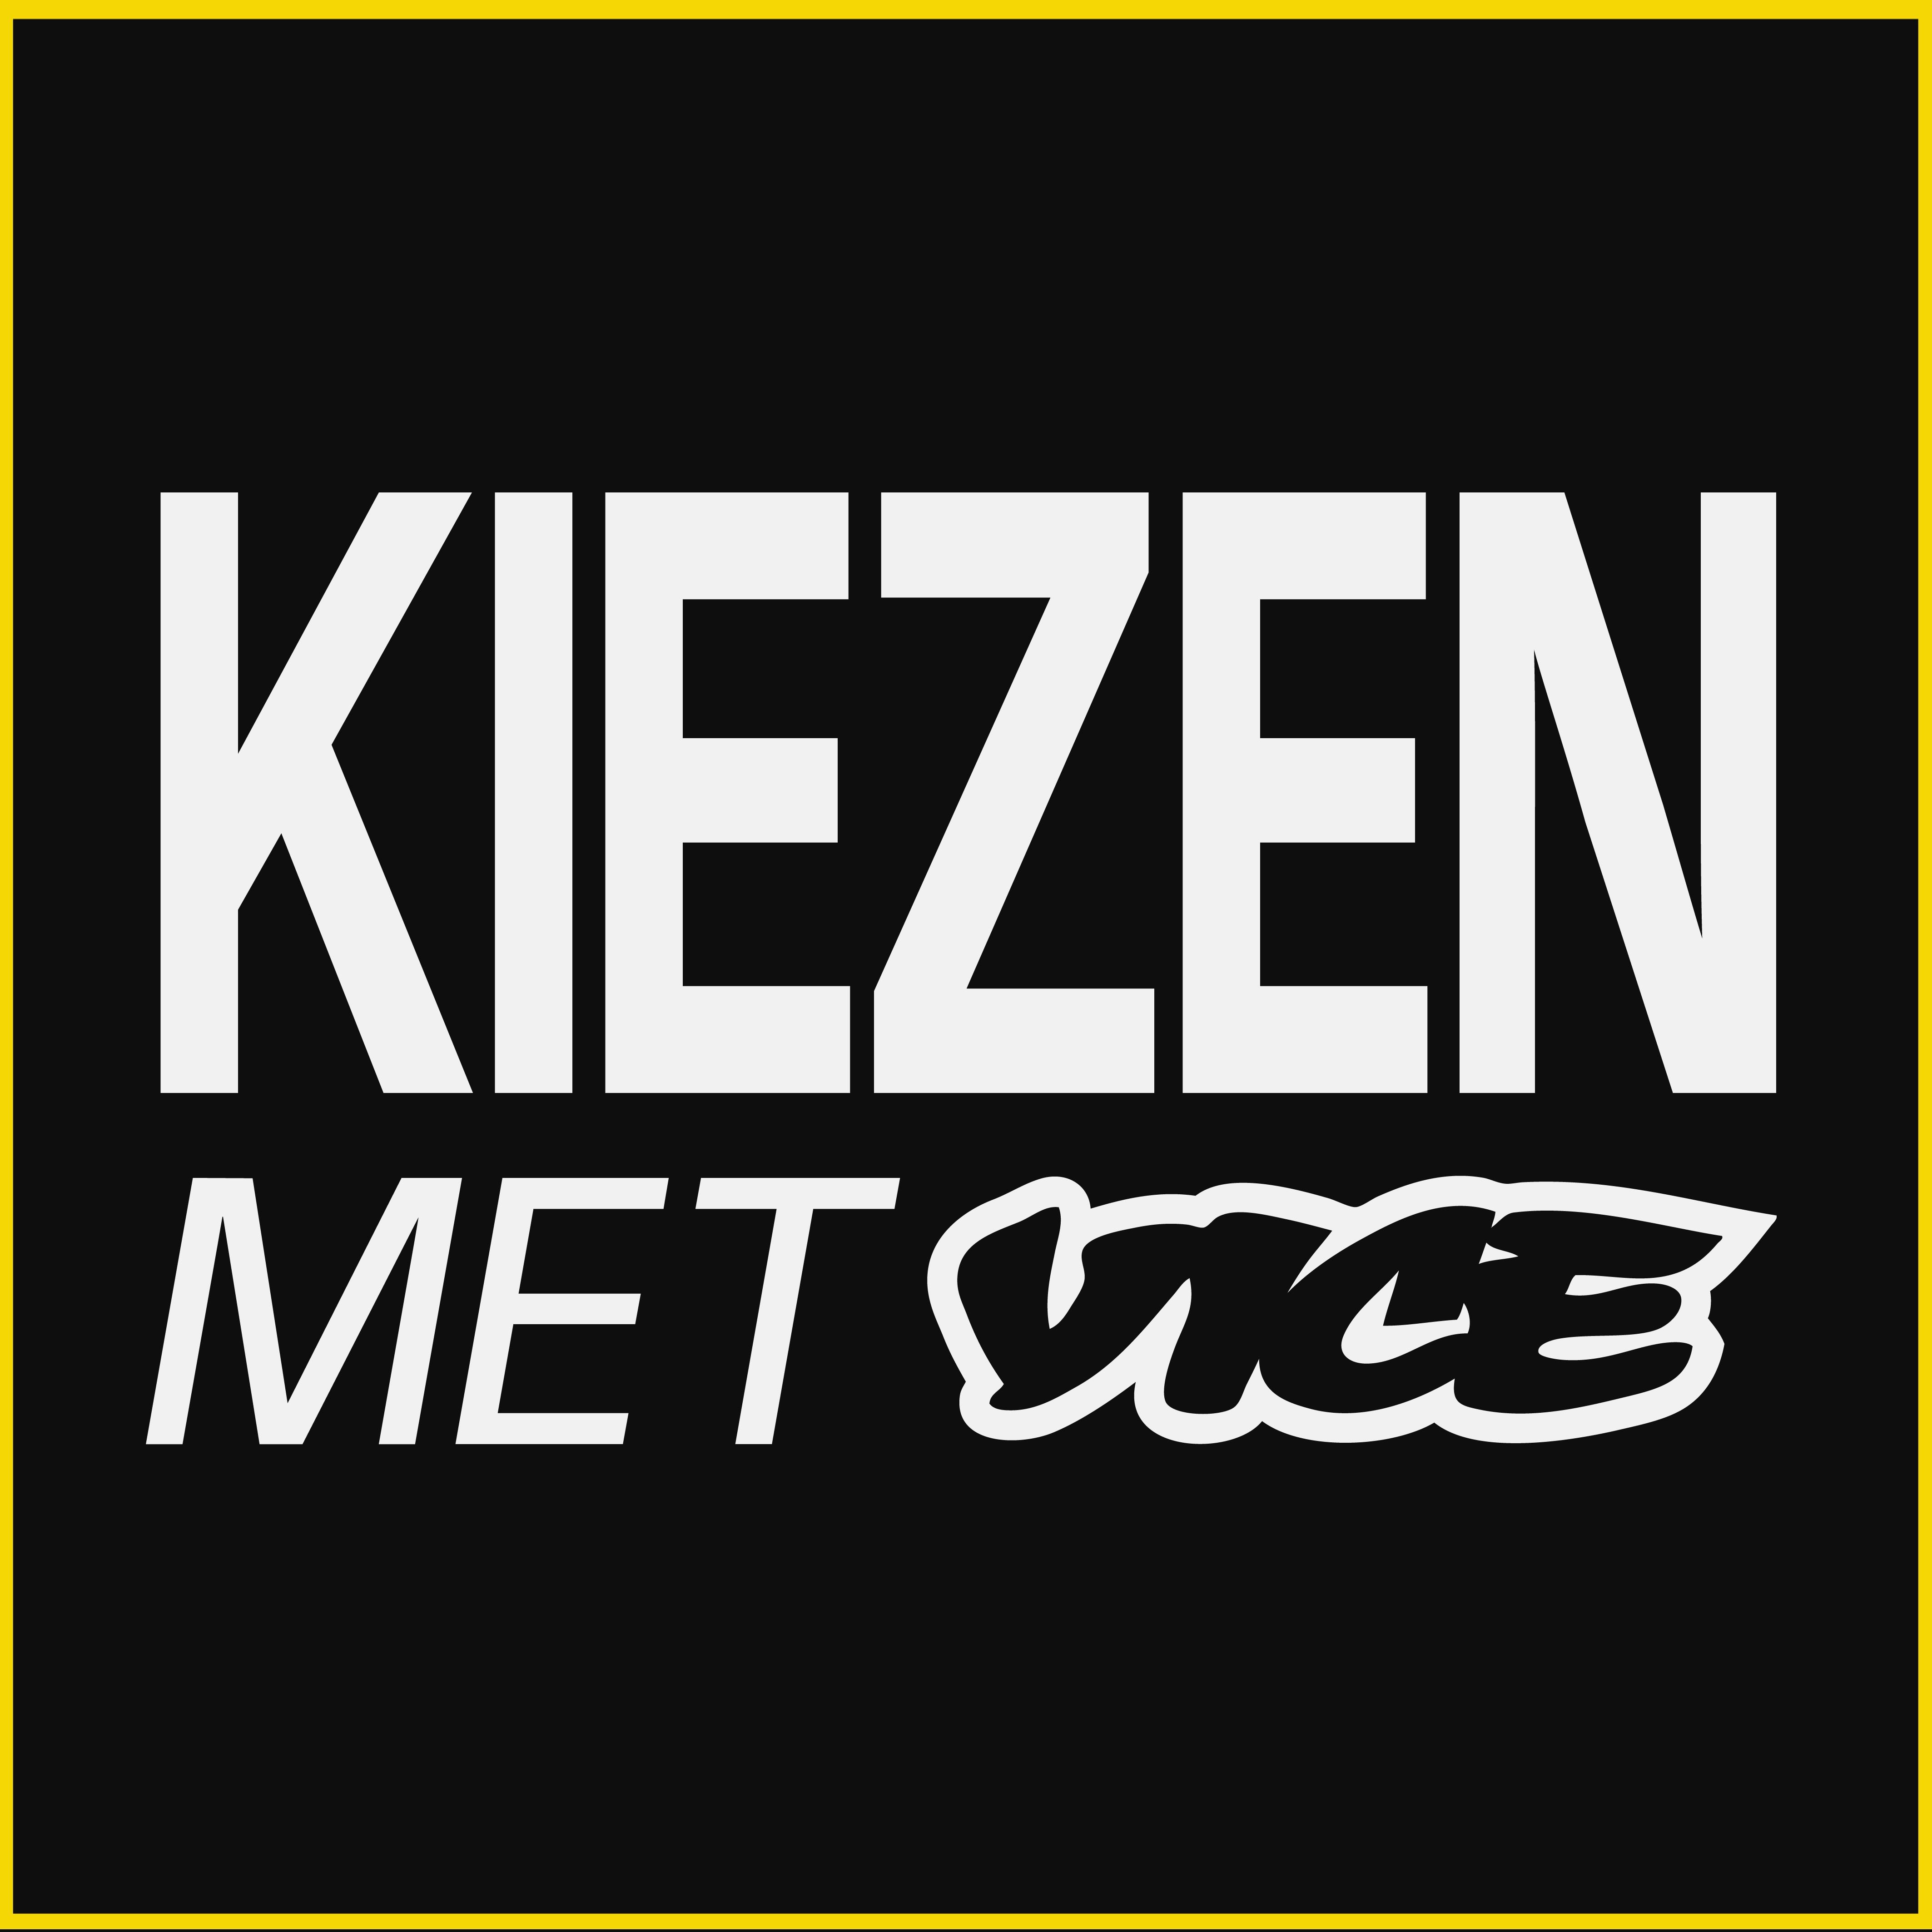 Kiezen met VICE 1x1